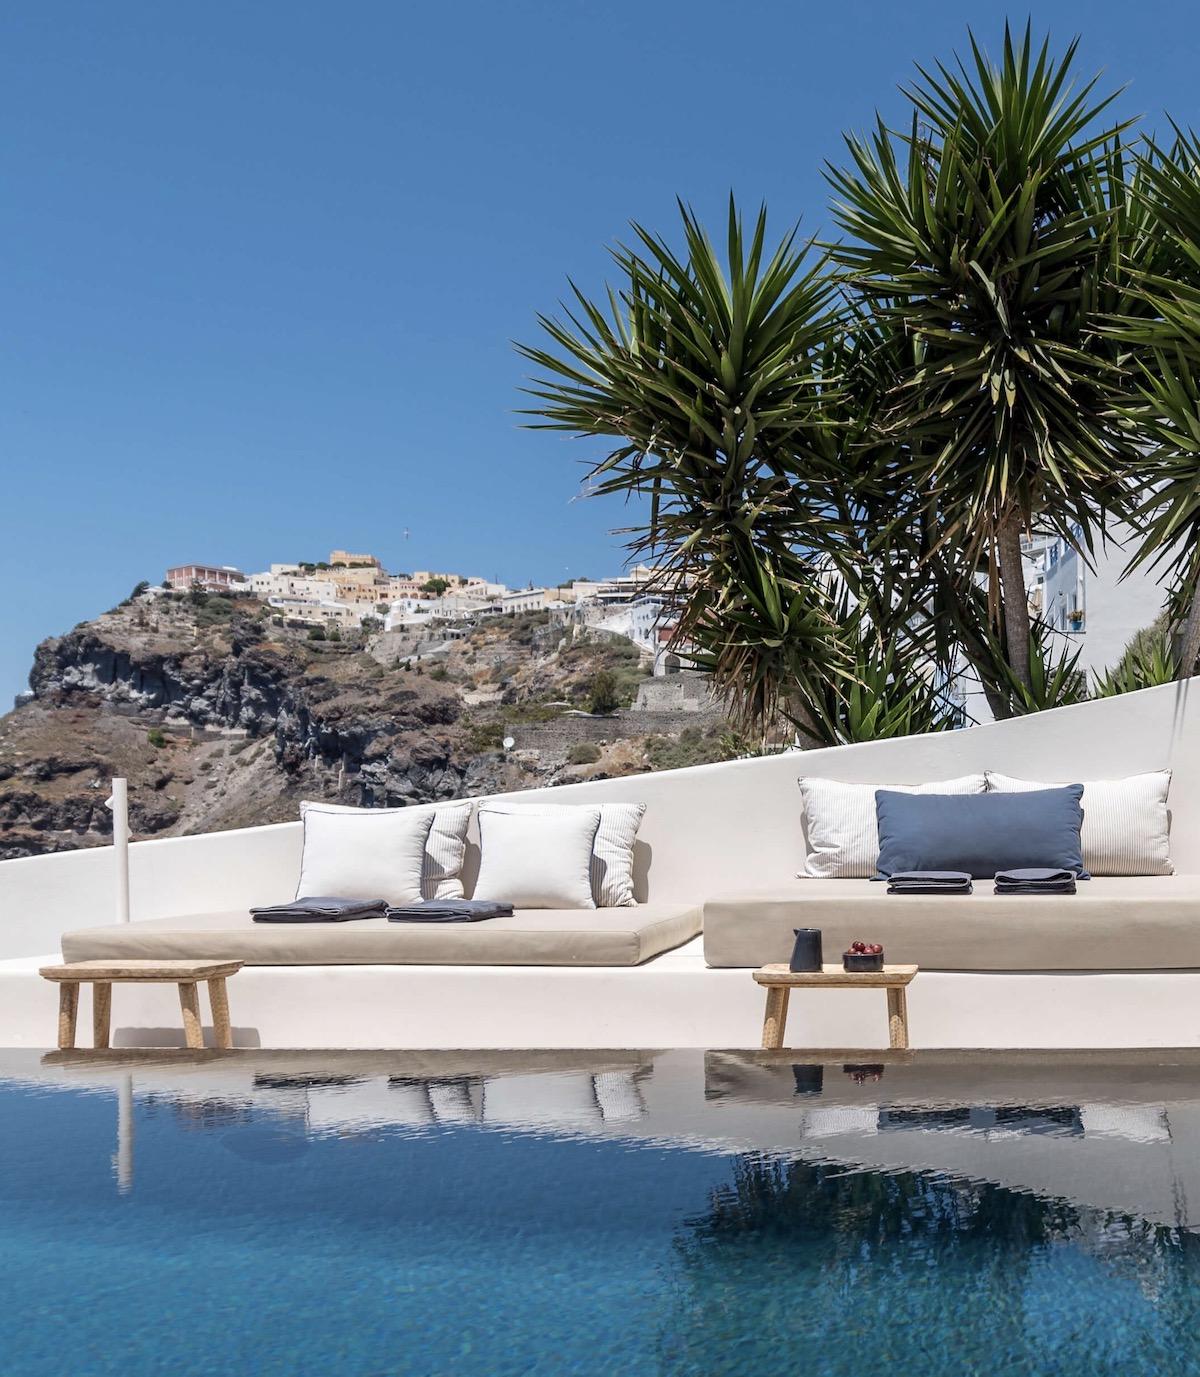 Porto Fira Suites villa Santorin maison blanche piscine falaise table basse tabouret bois flotté